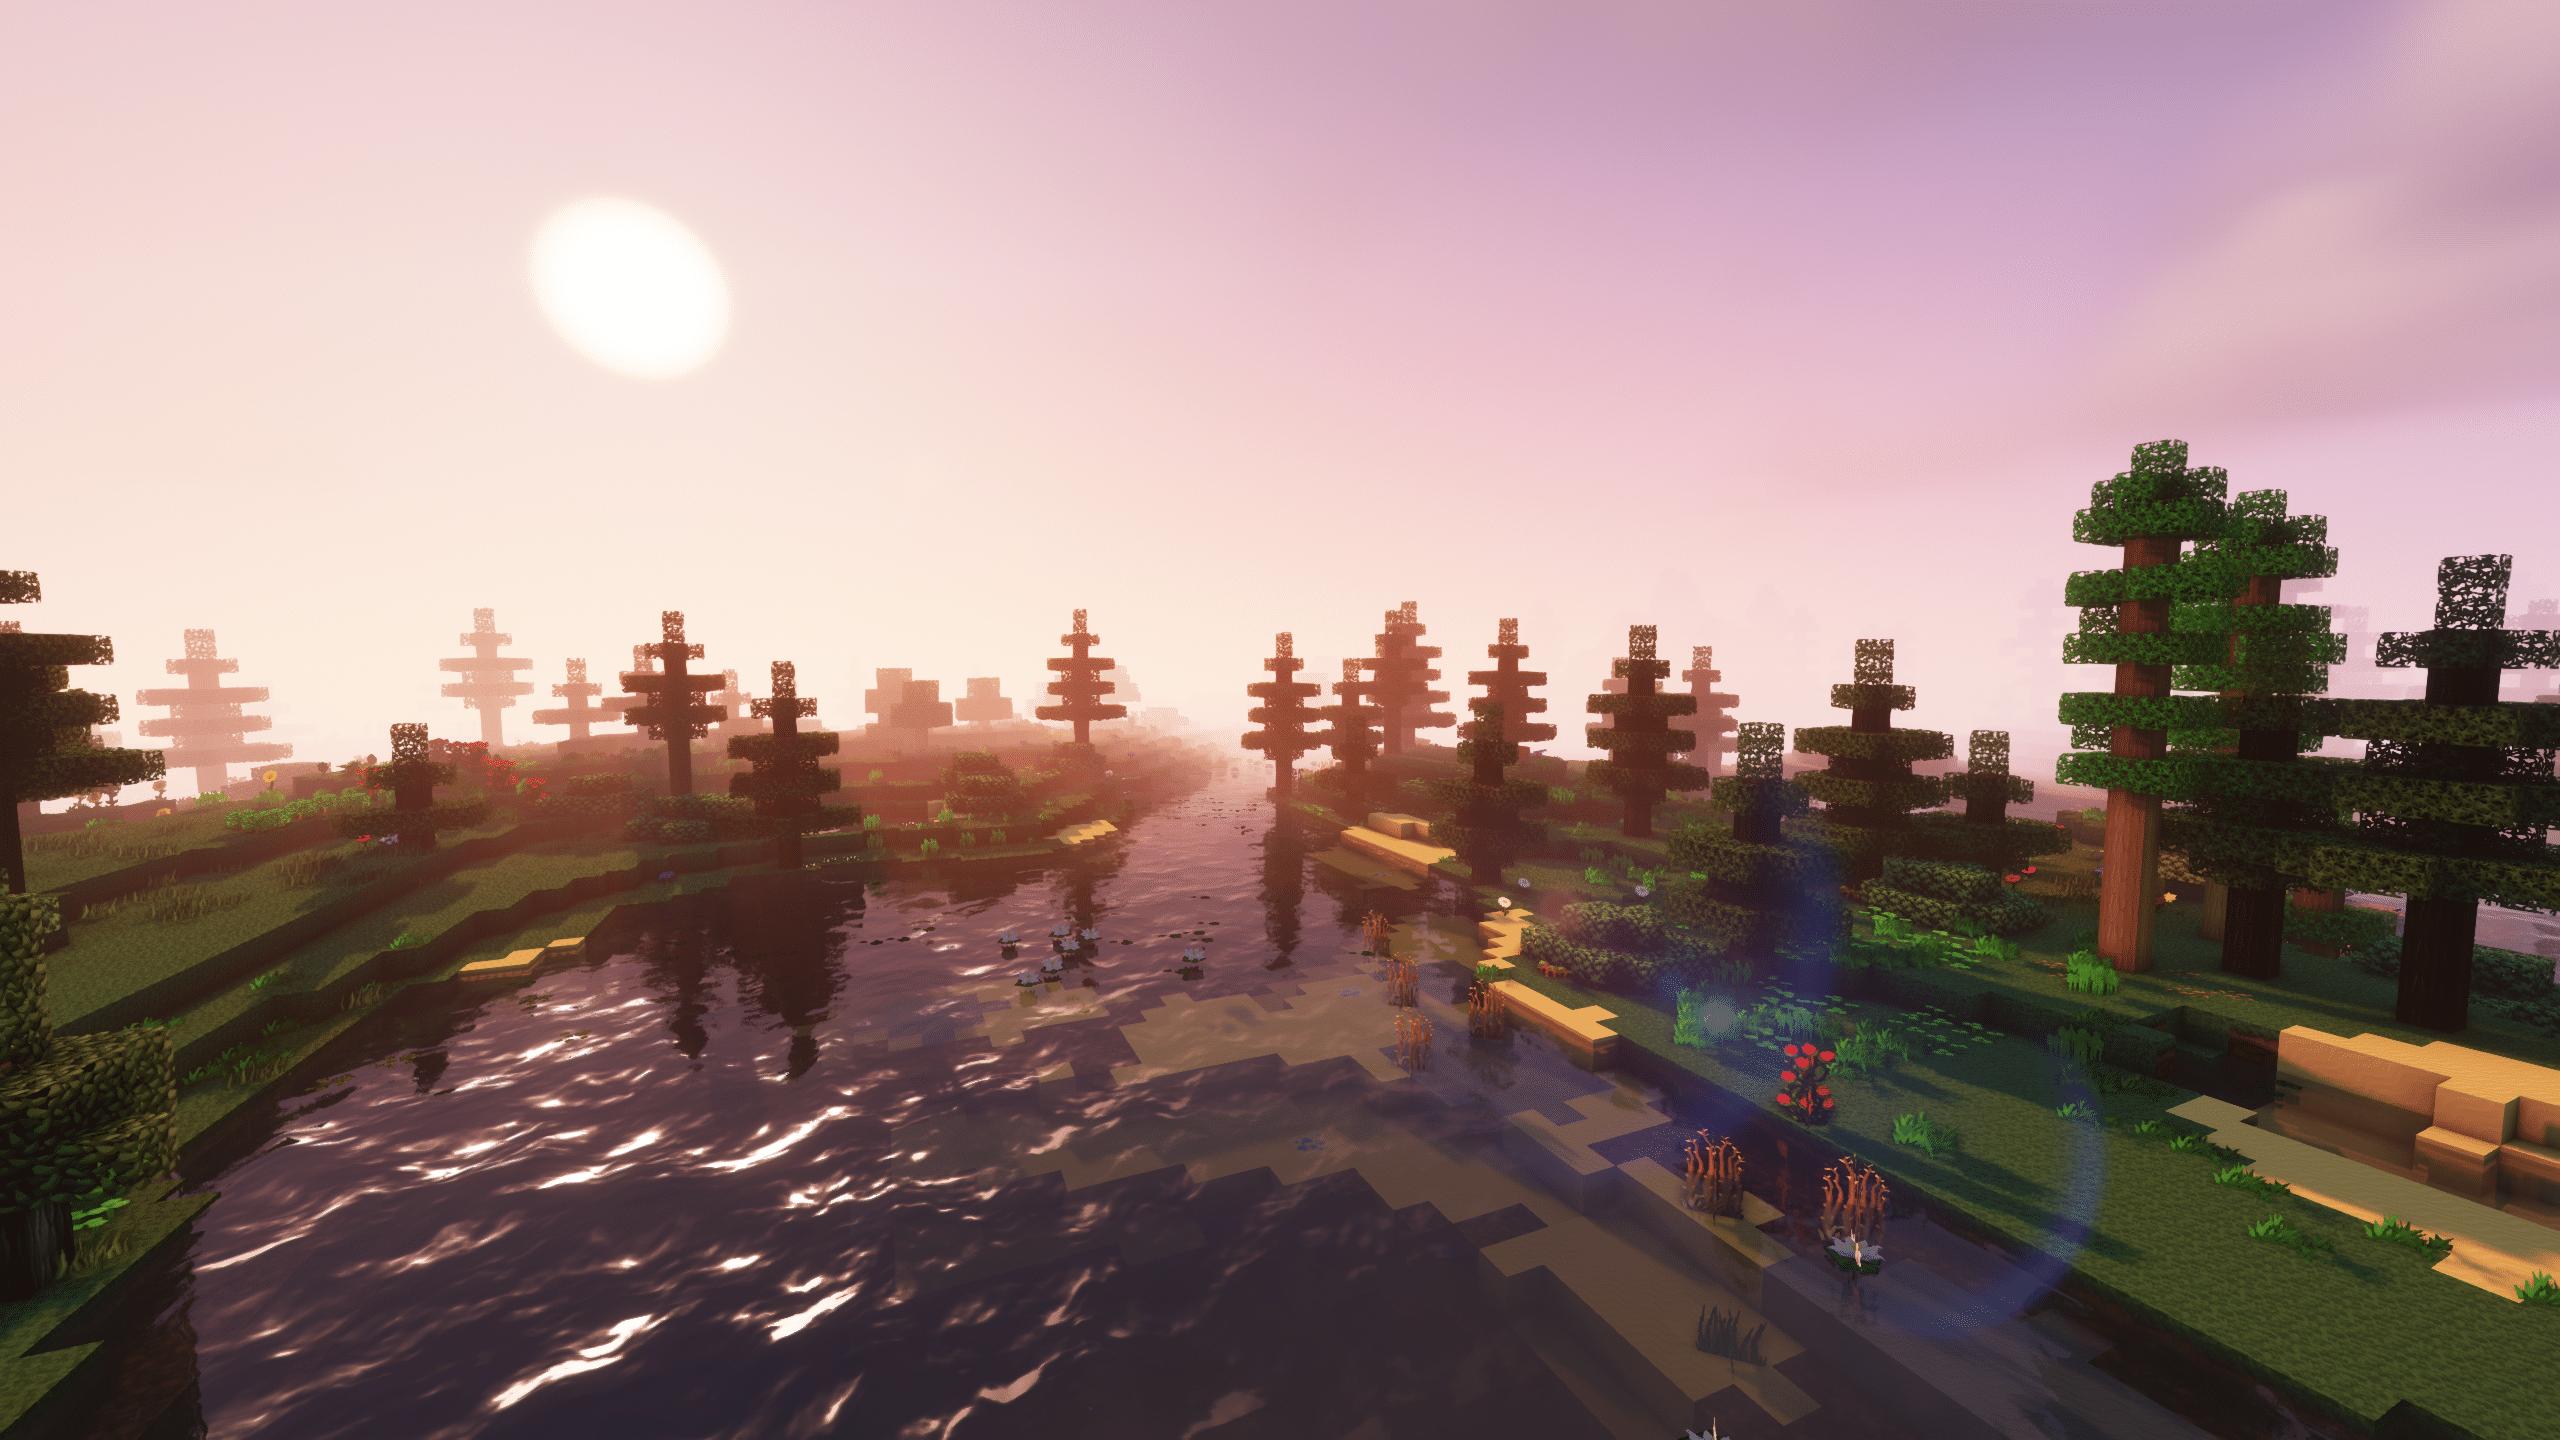 Minecraft Enigmatica 2: Sunrise Over a Lake